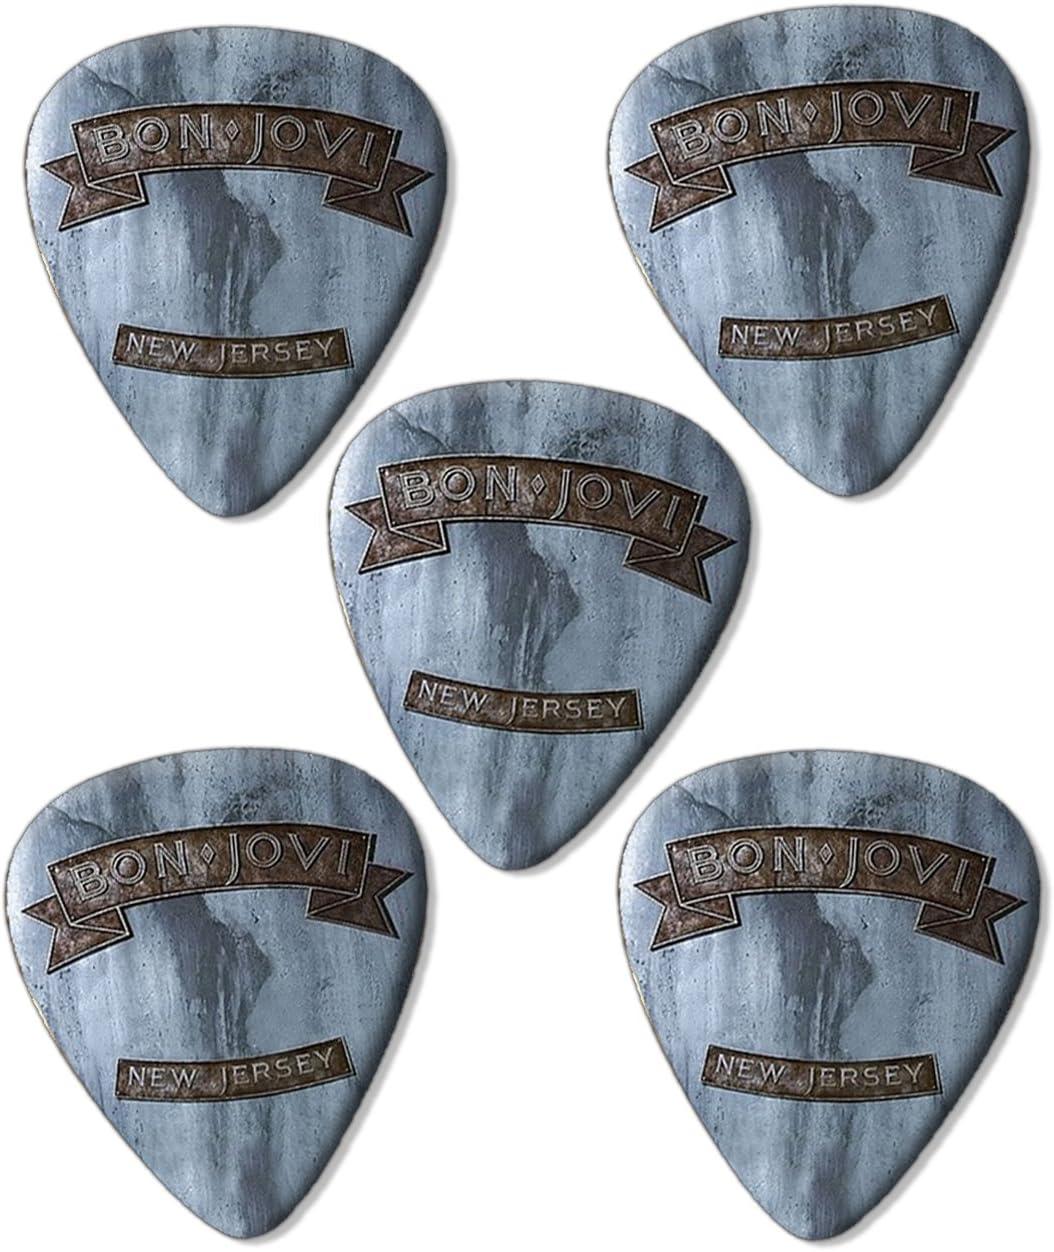 Bon Jovi nueva Jersey Premium Púas para guitarra presentadas x 5 ...